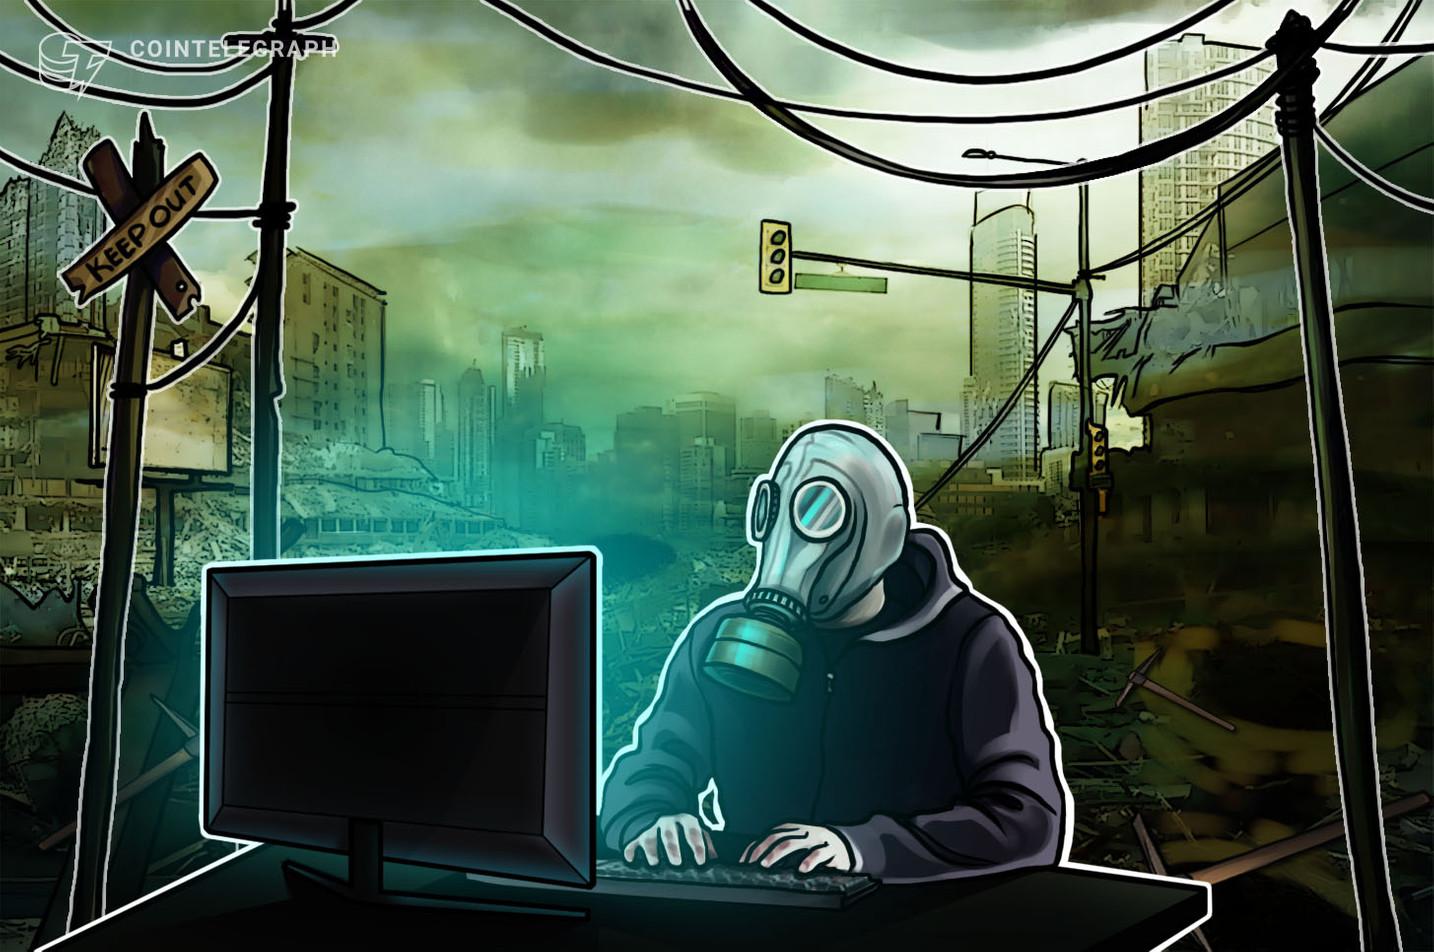 Le emissioni di CO2 generate dalla rete Bitcoin superano quelle di alcuni paesi